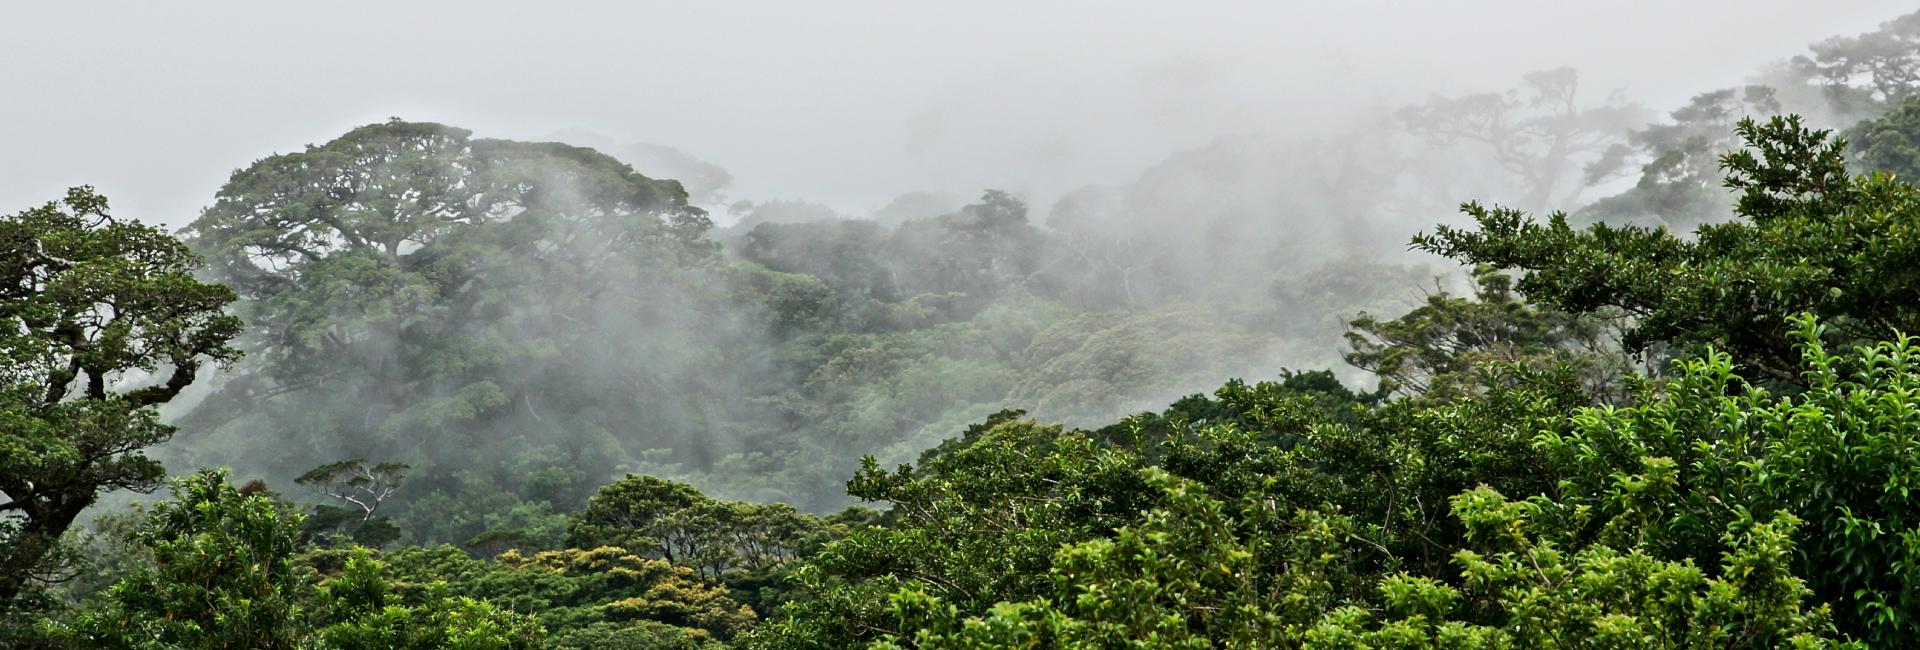 Cloudforest in Costa Rica